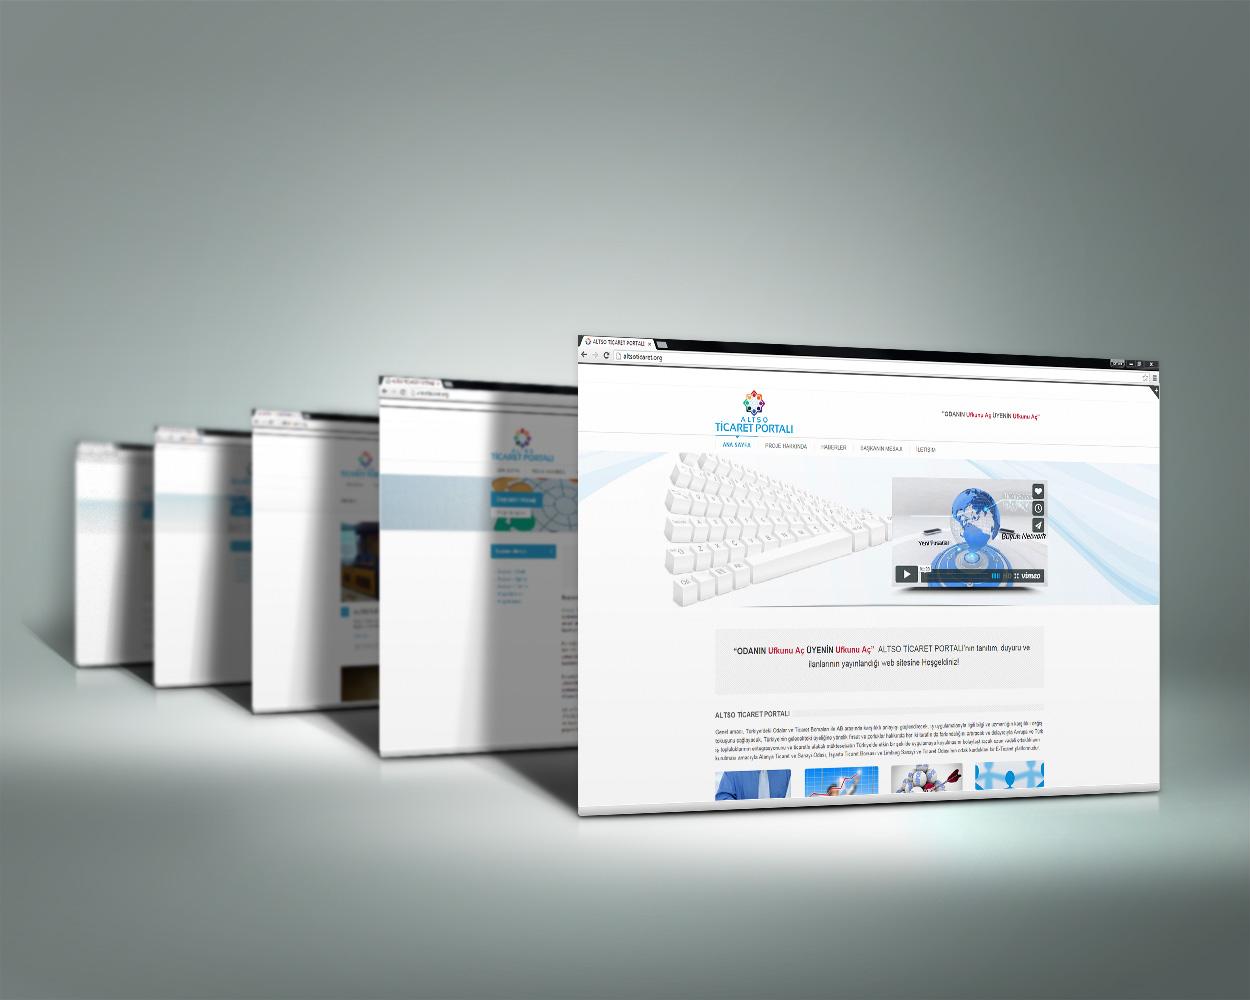 Web Portalı Tasarımı - ALTSO Ticaret Portalı